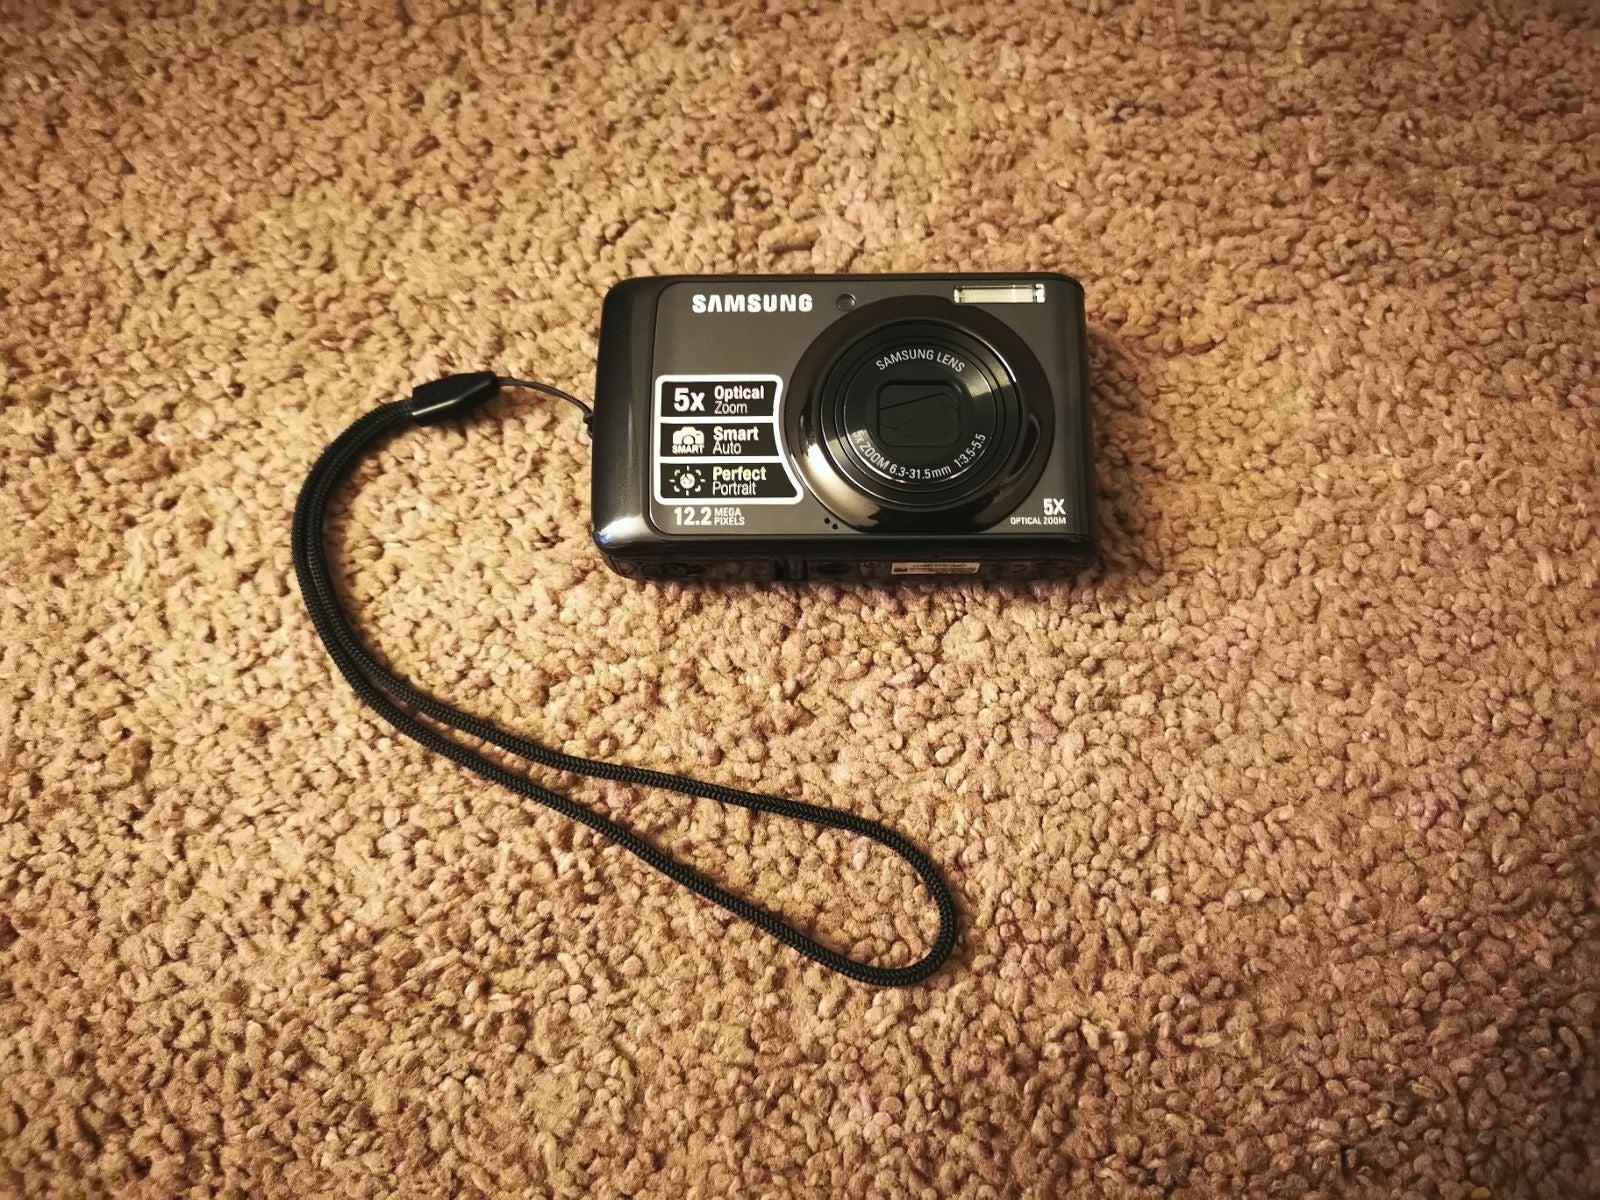 Samsung SL502 Digital Camera